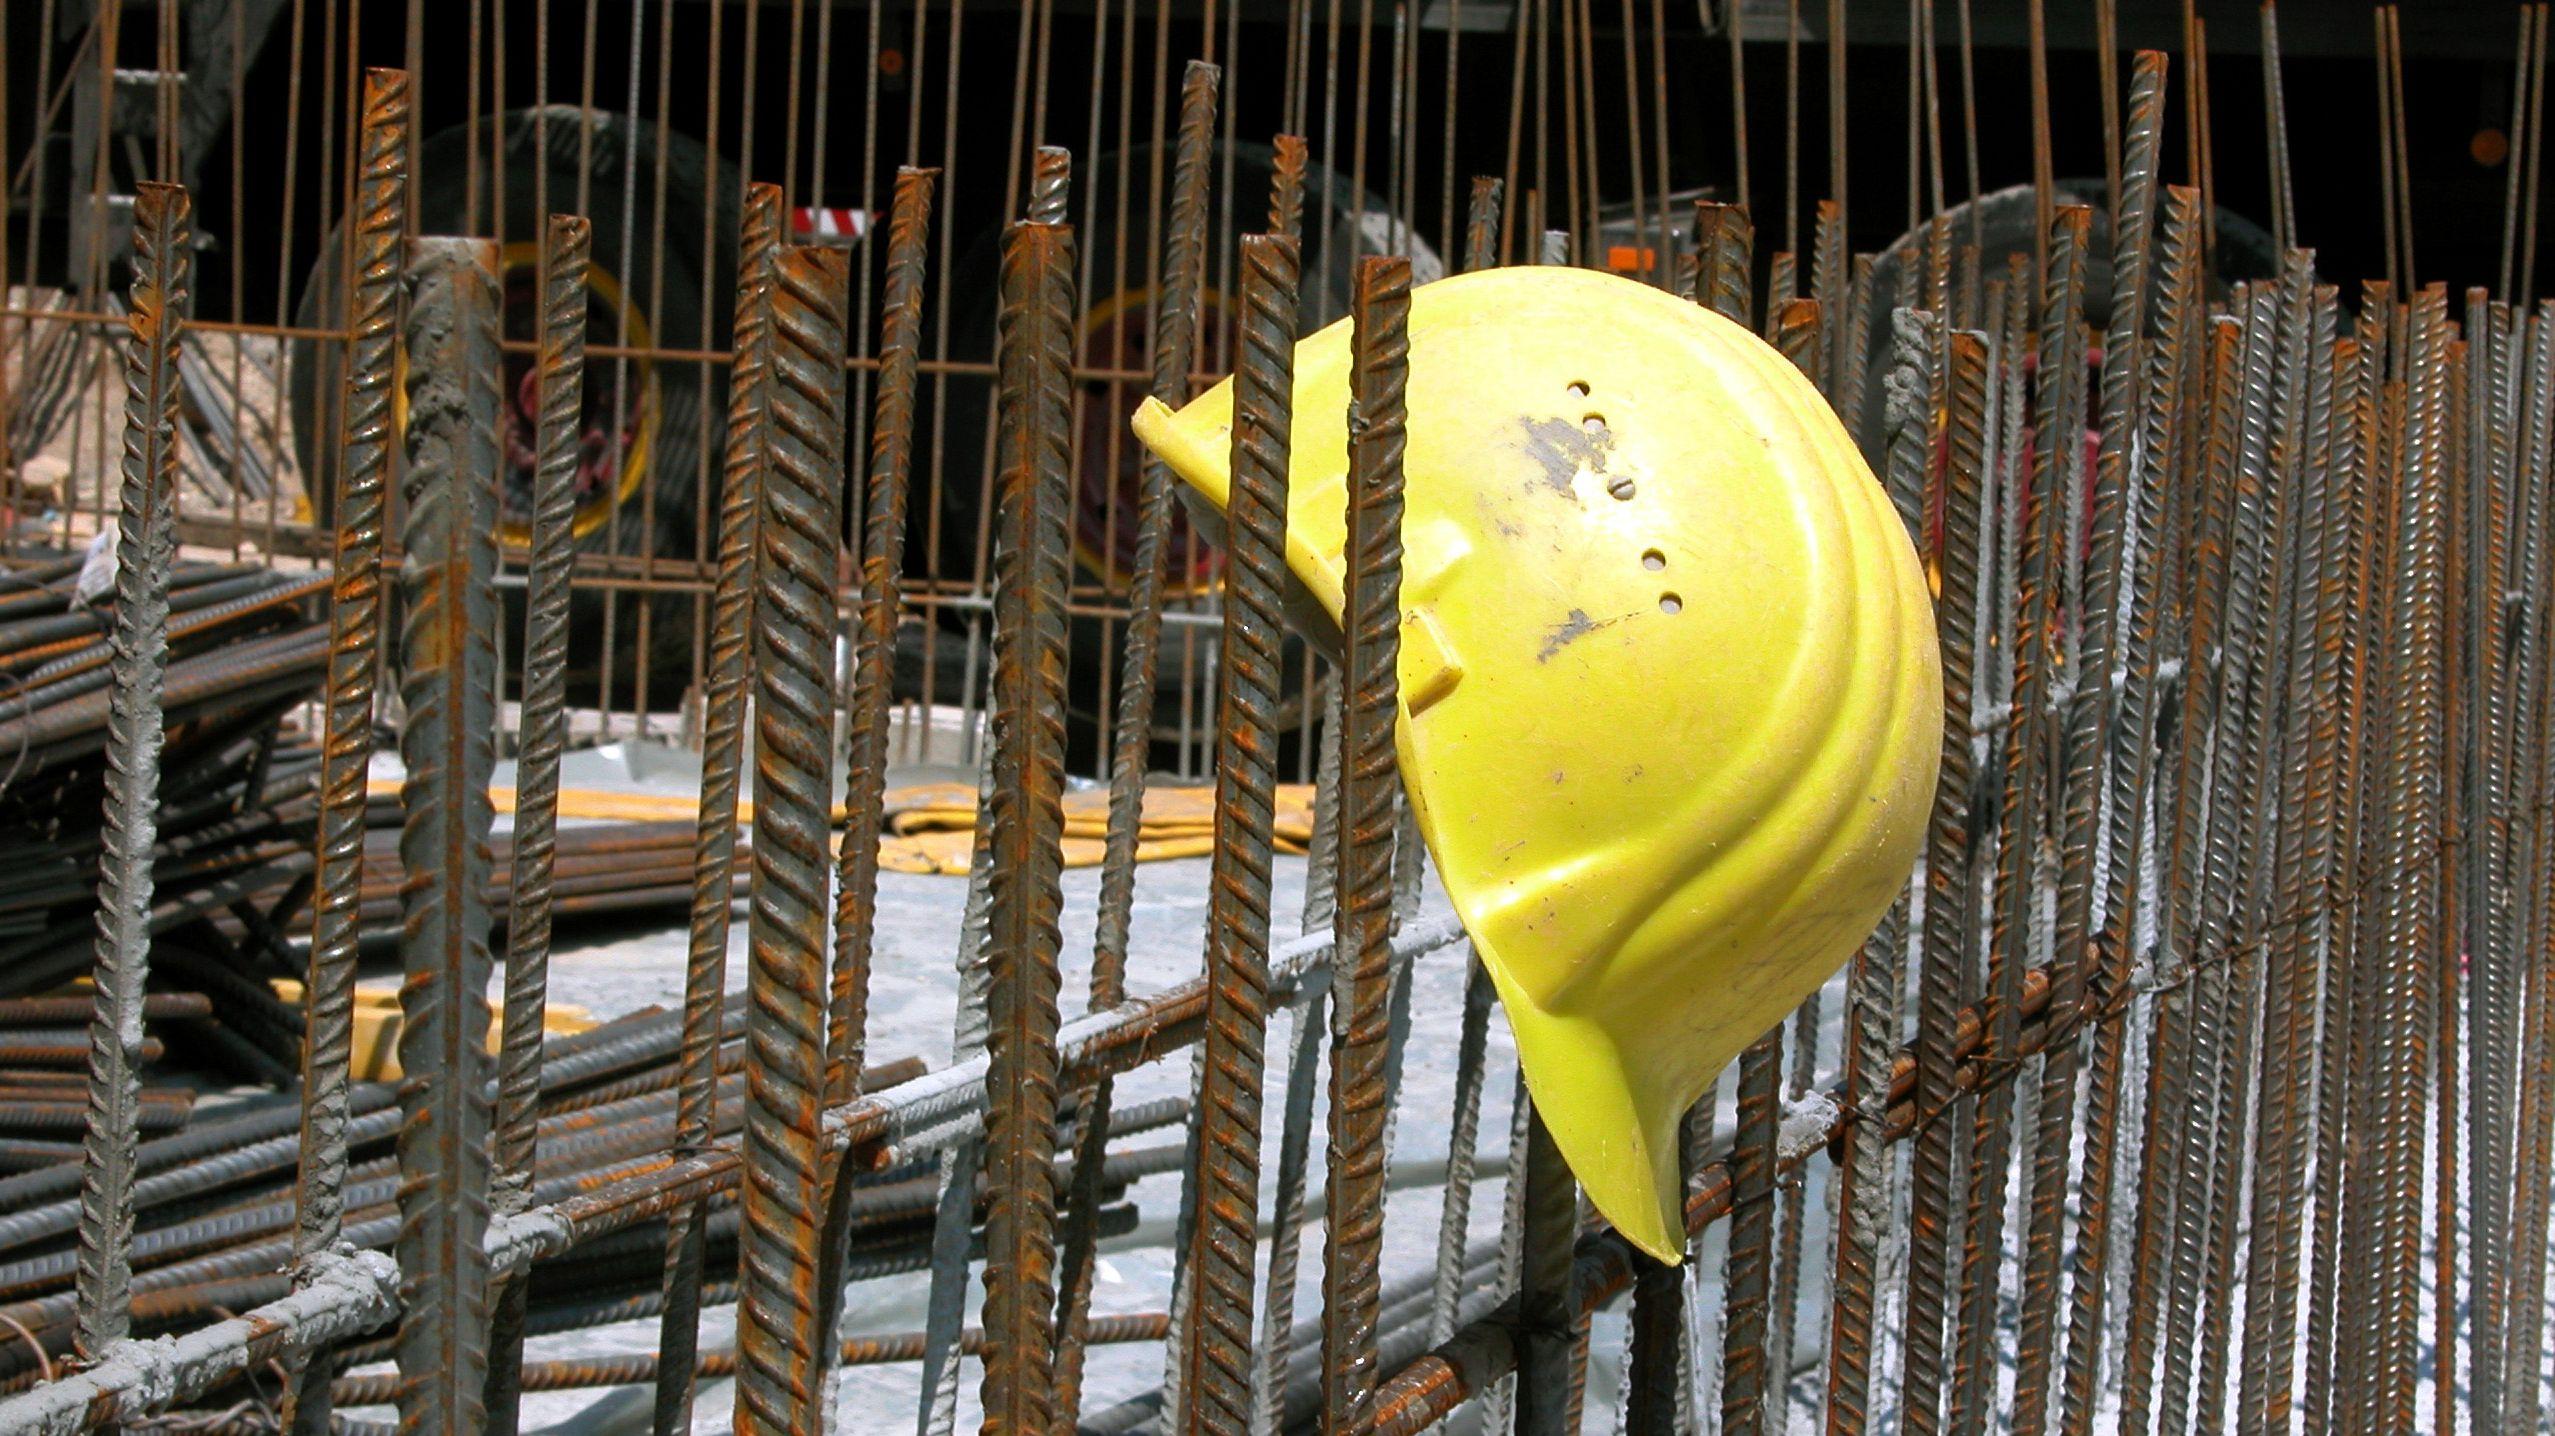 Ein gelber Bauhelm auf einer Stange, aufgenommen auf einer Baustelle (Symbolbild)